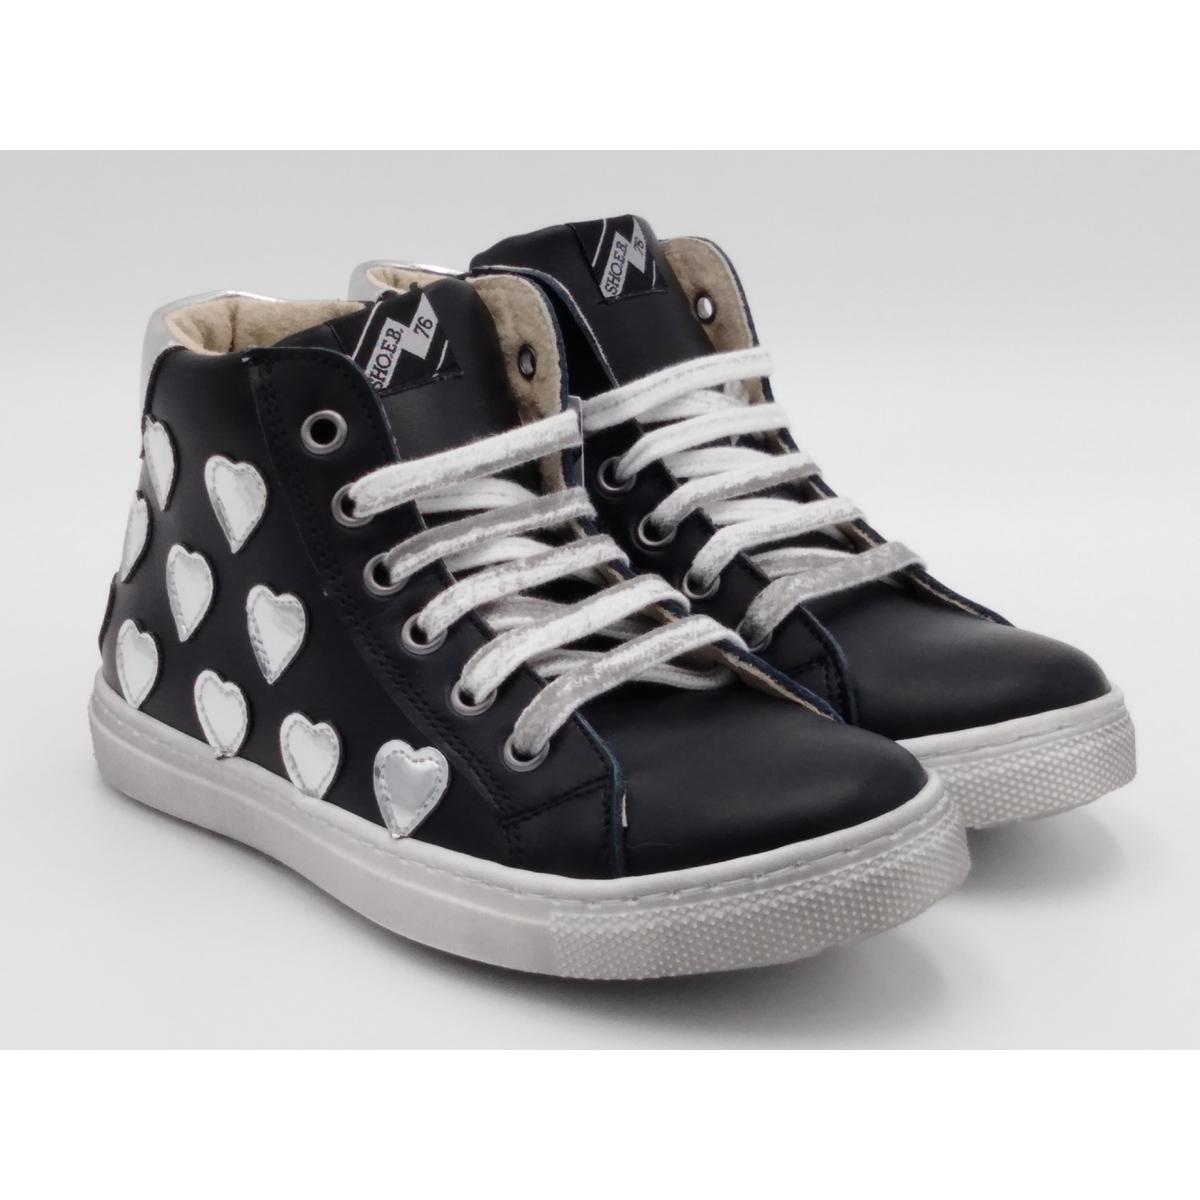 SHOEB 76 -Sneaker lacci...